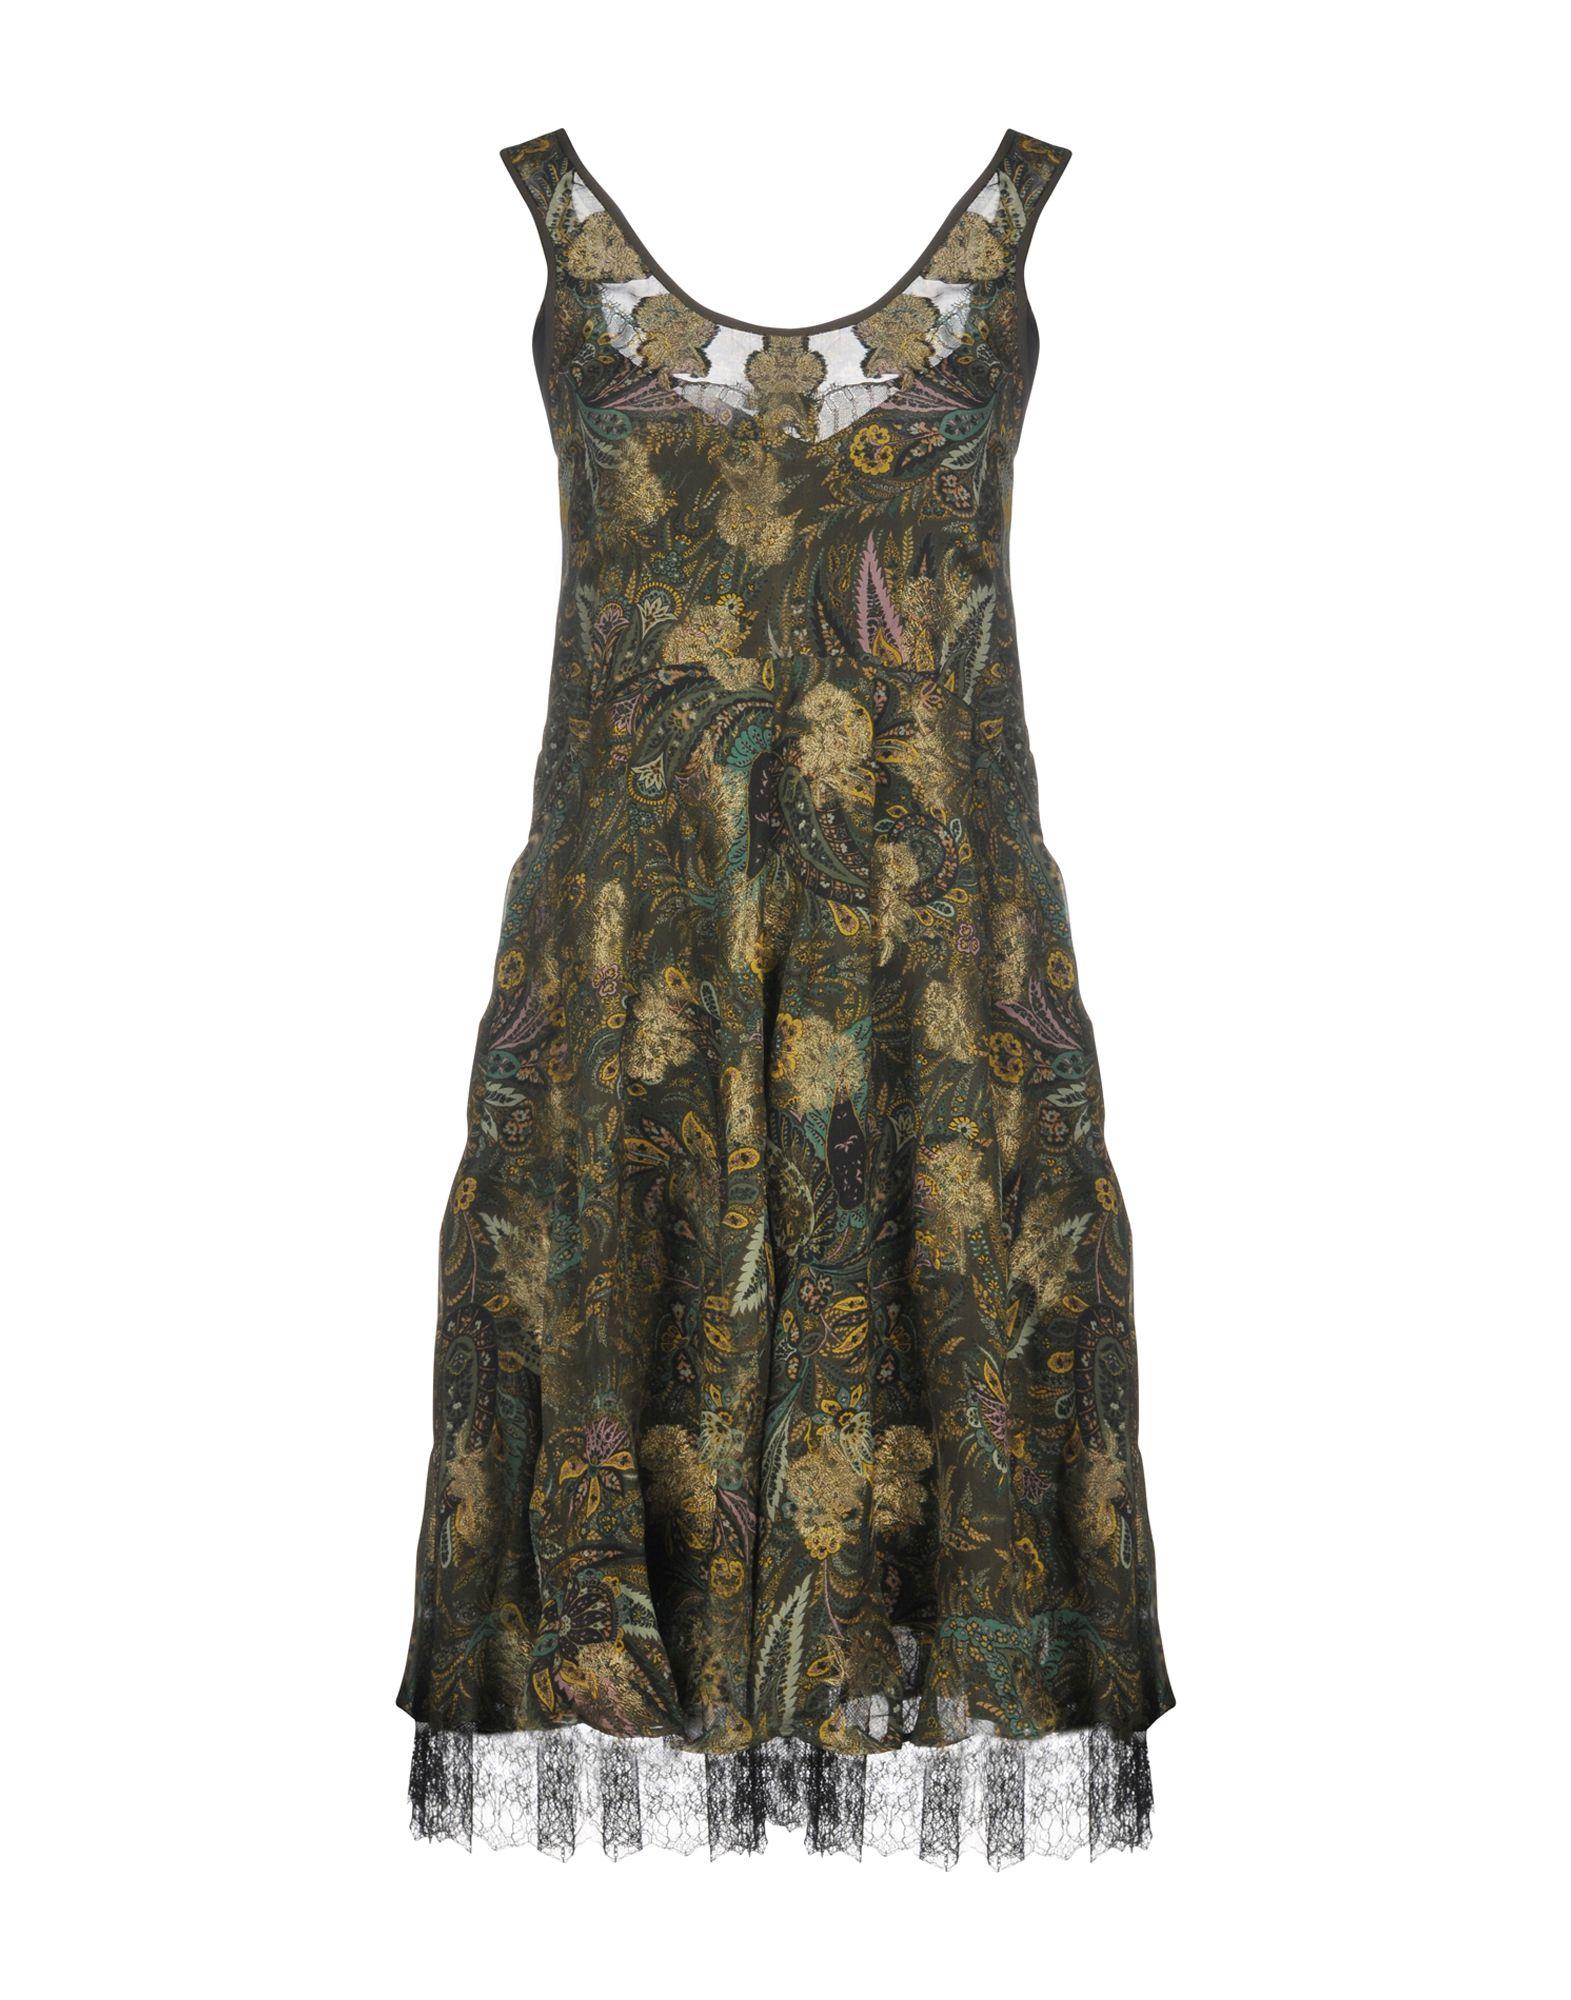 ETRO Платье до колена платье без рукавов с кружевной вставкой на спинке